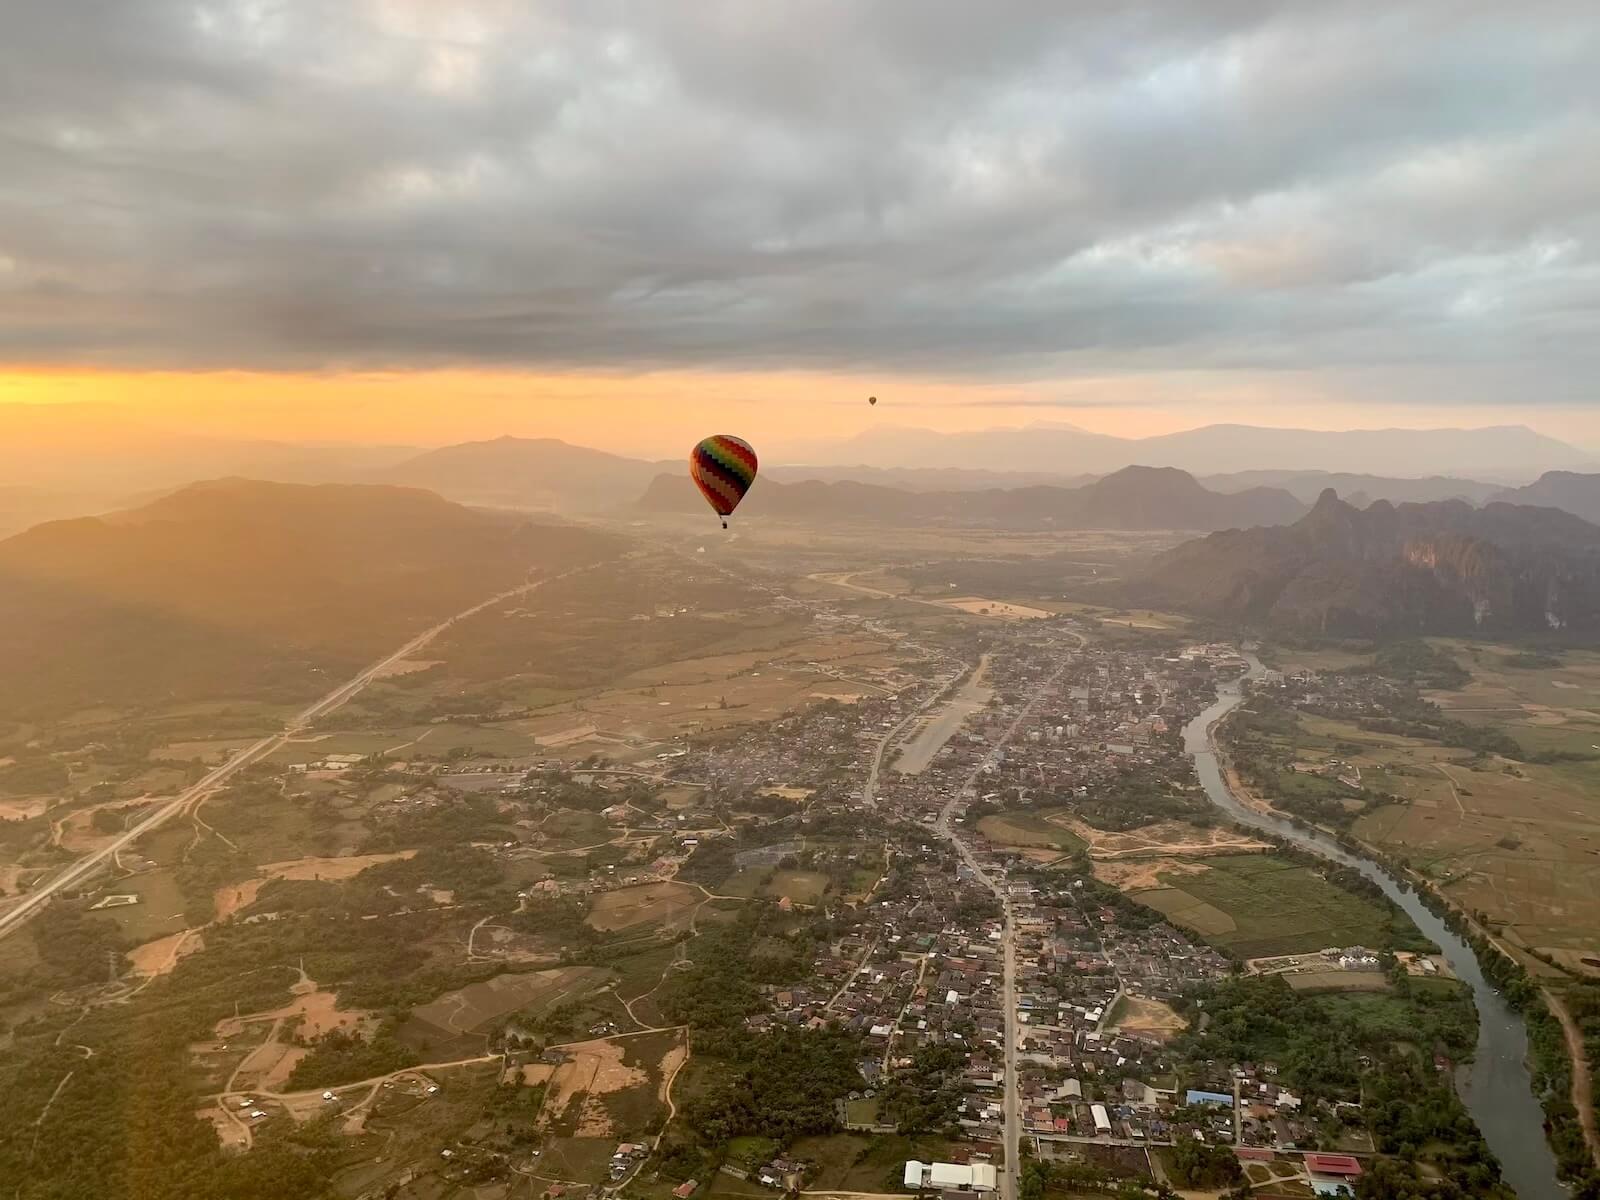 Balonem nad vang Vieng - fot. Rafał Niedzielski